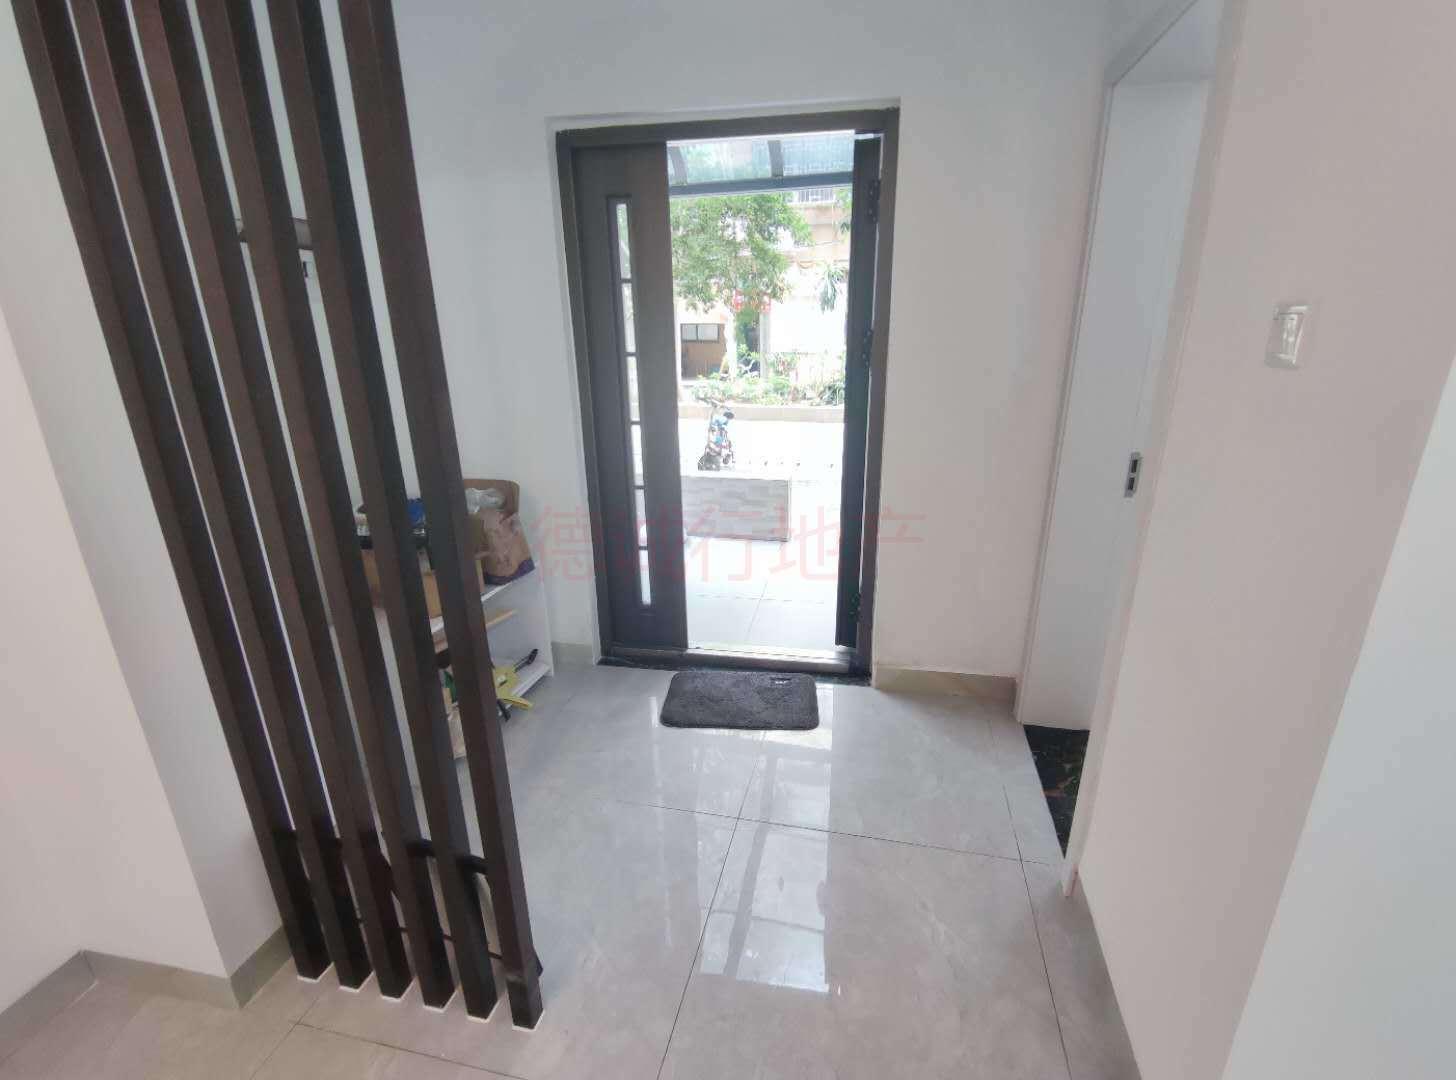 水荫路34号大院天河路新装修三房 门口带小花园